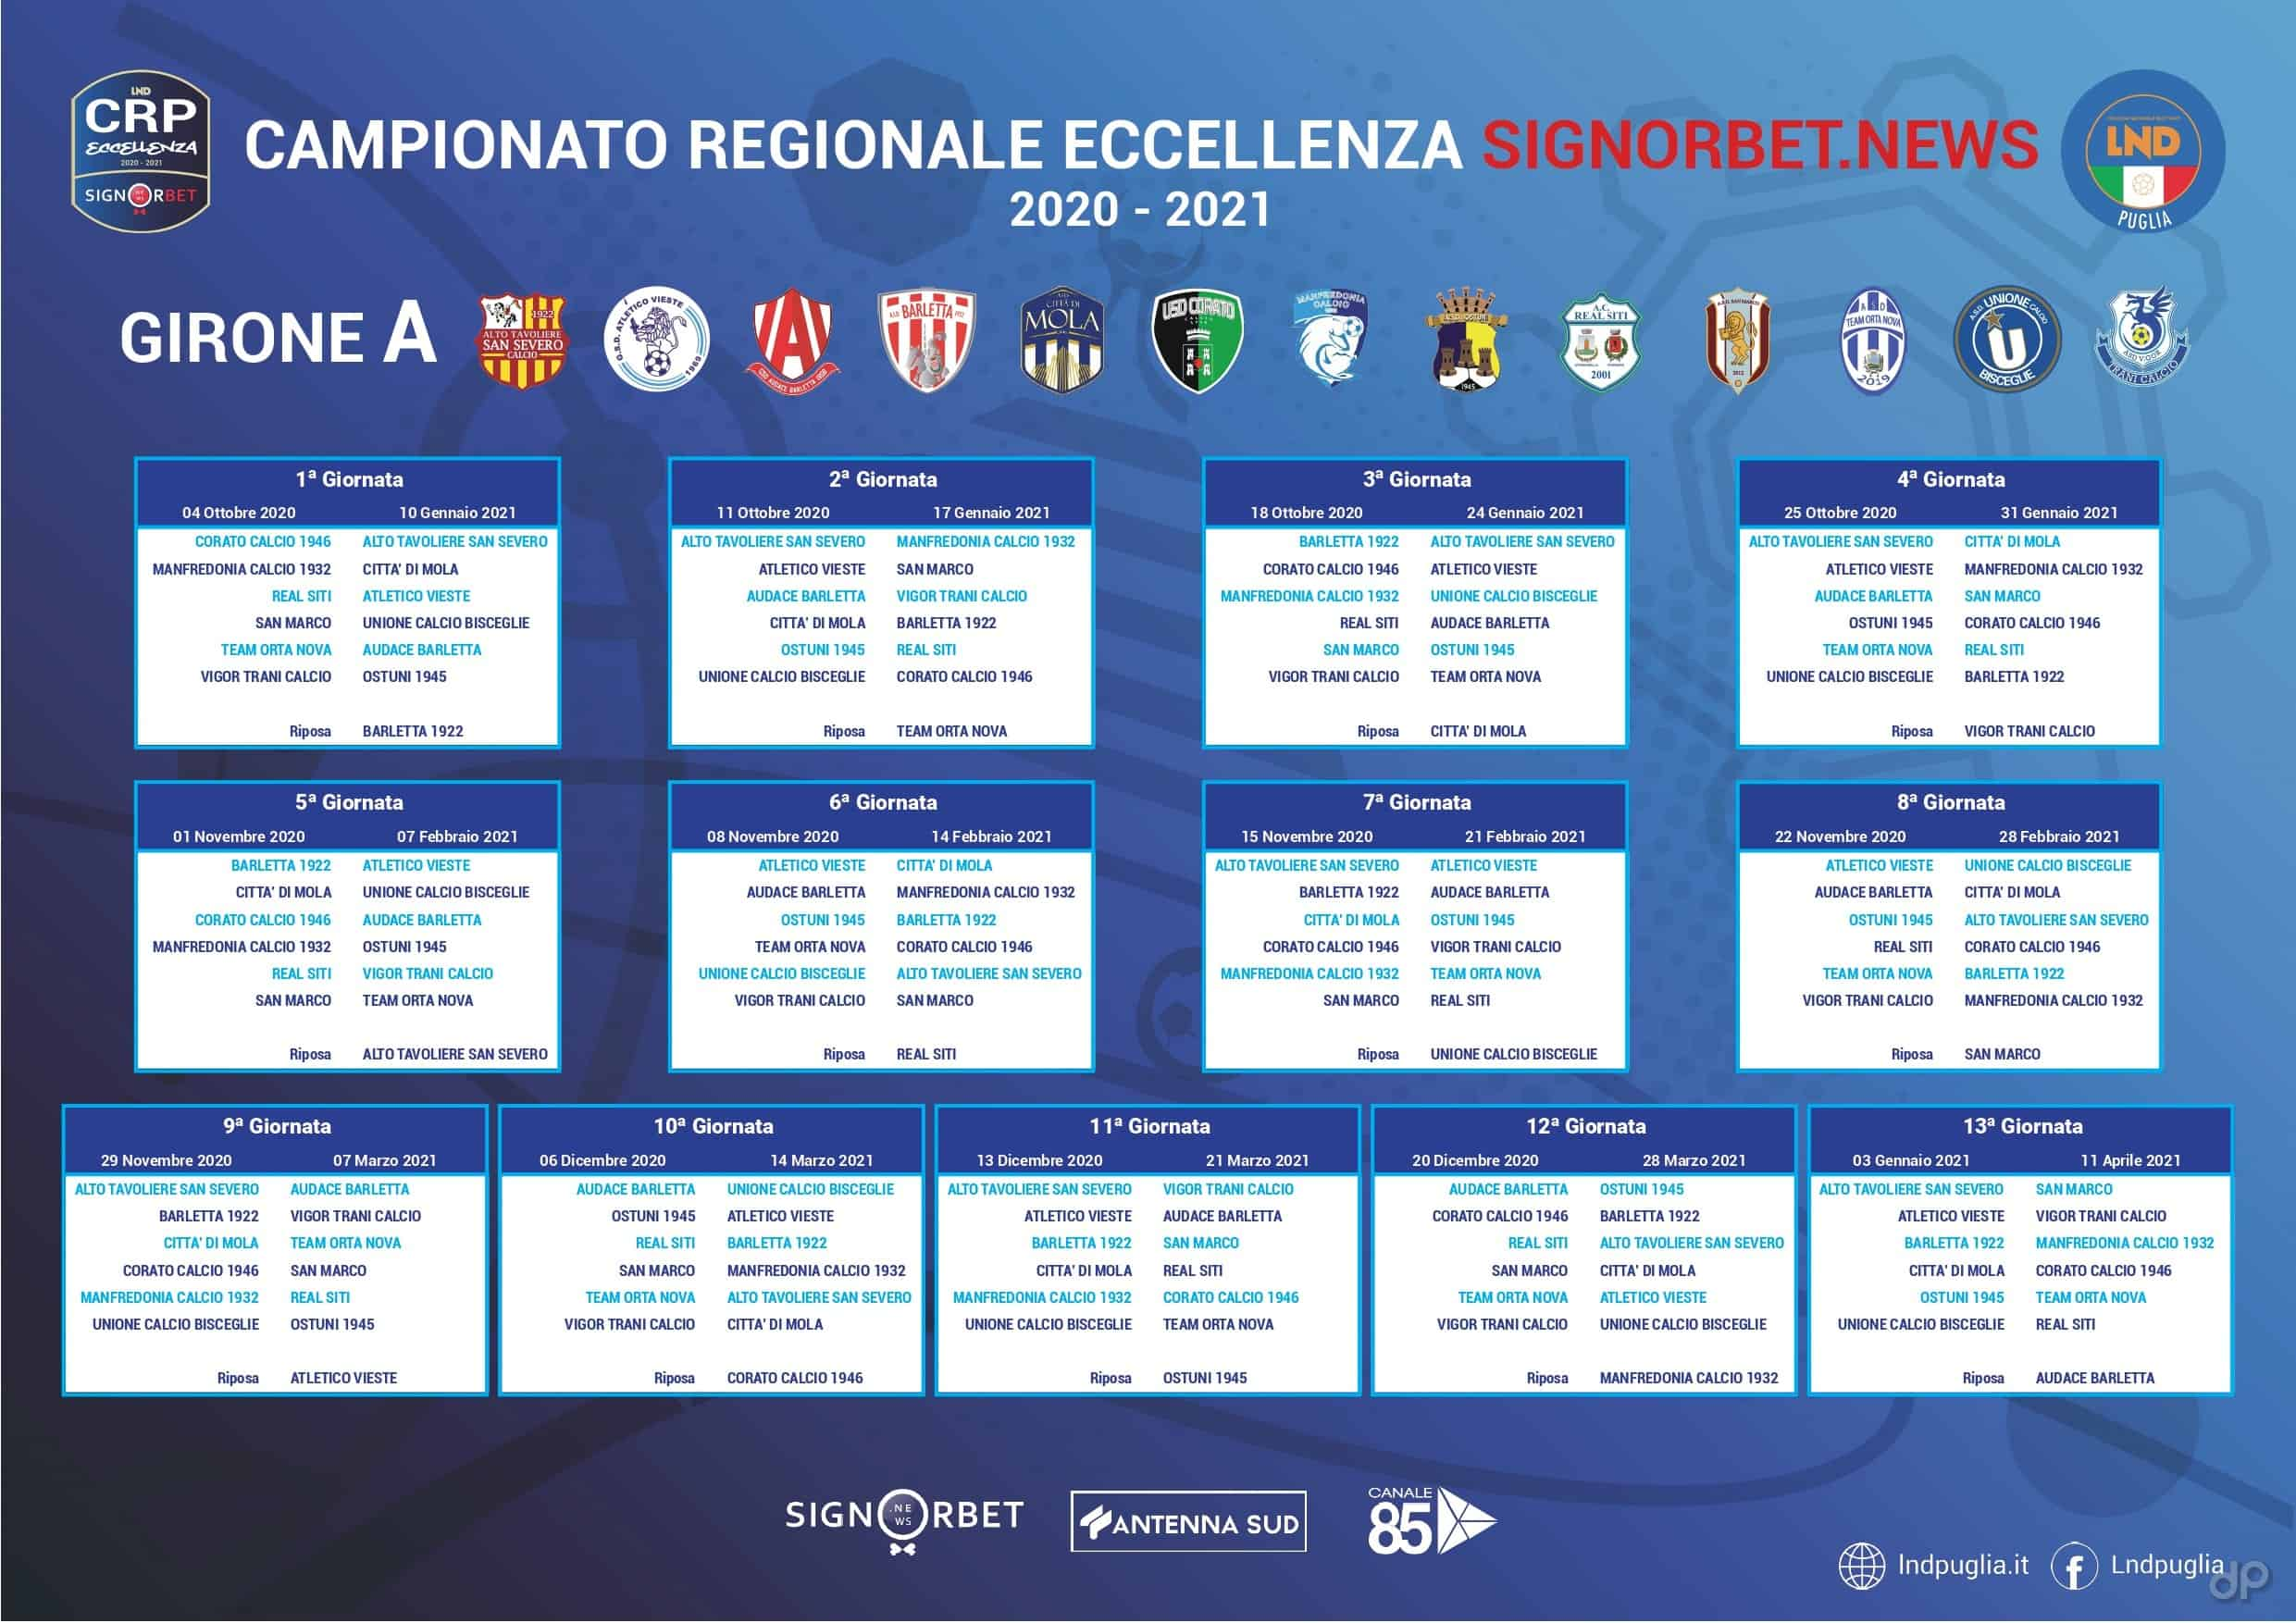 Calendario Eccellenza 2021 Eccellenza pugliese, il calendario completo del girone A 2020/21